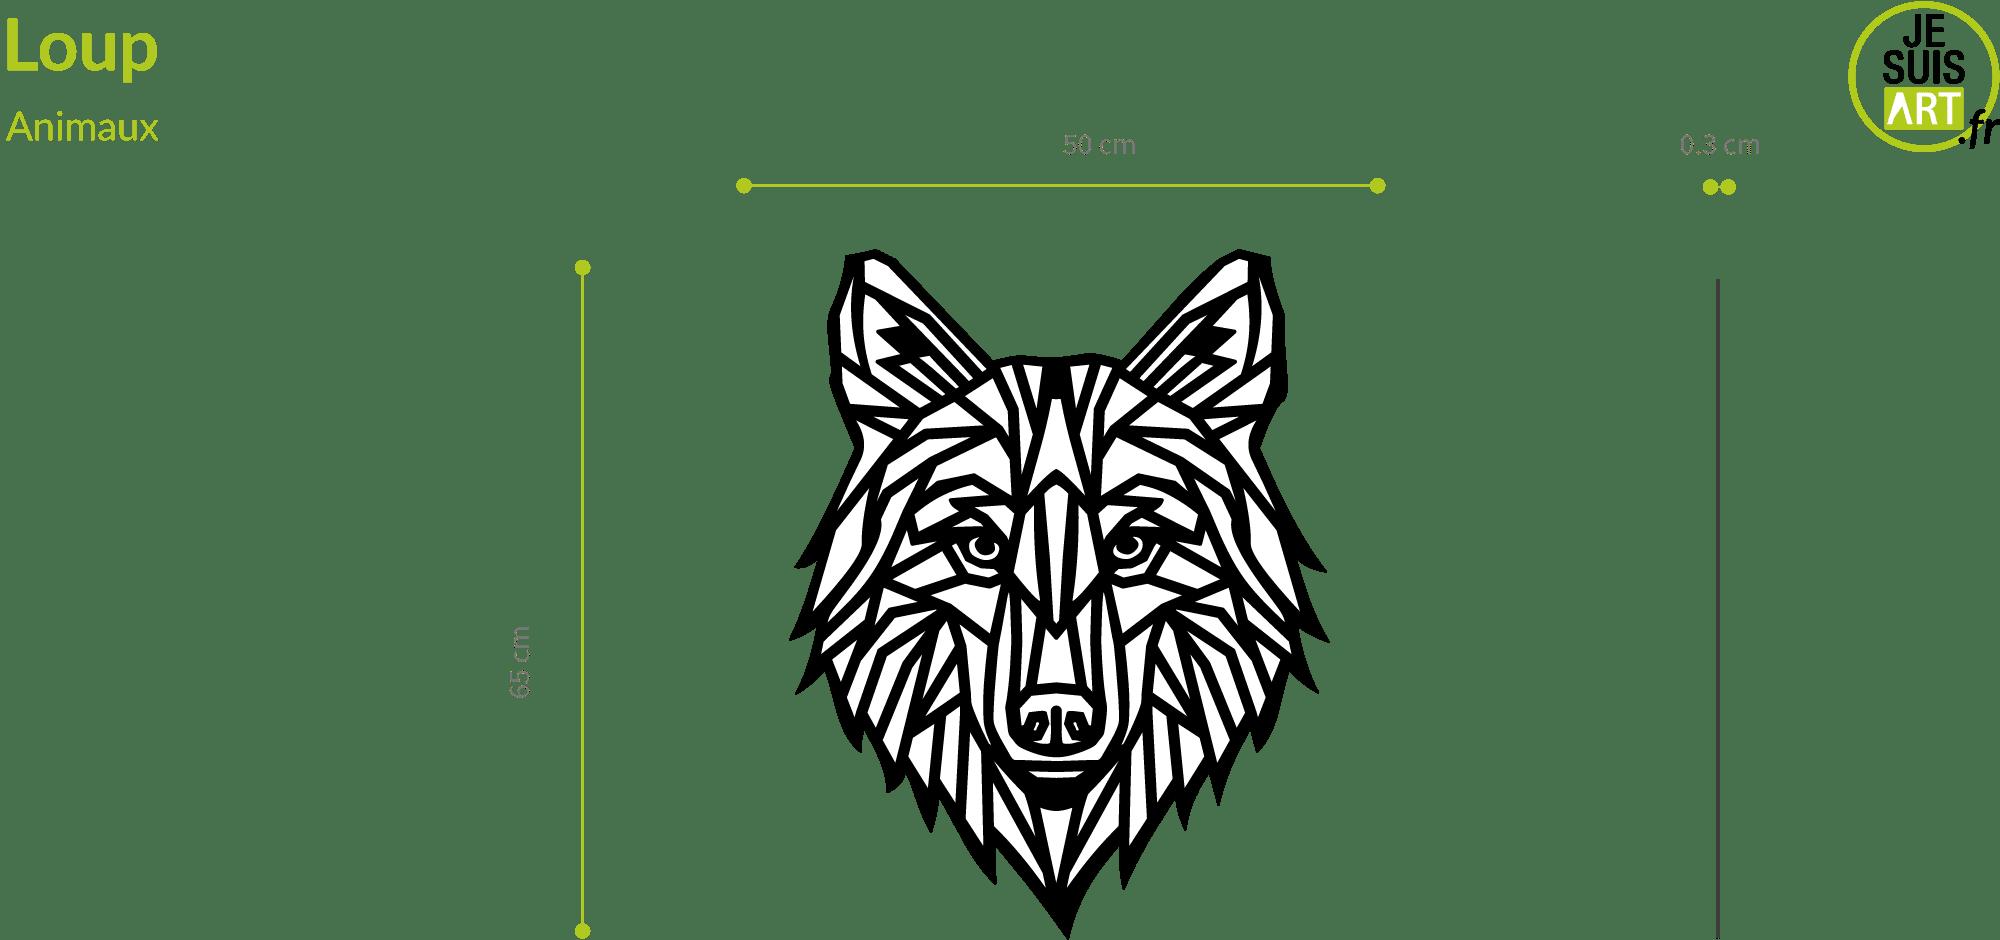 Loup_sizes